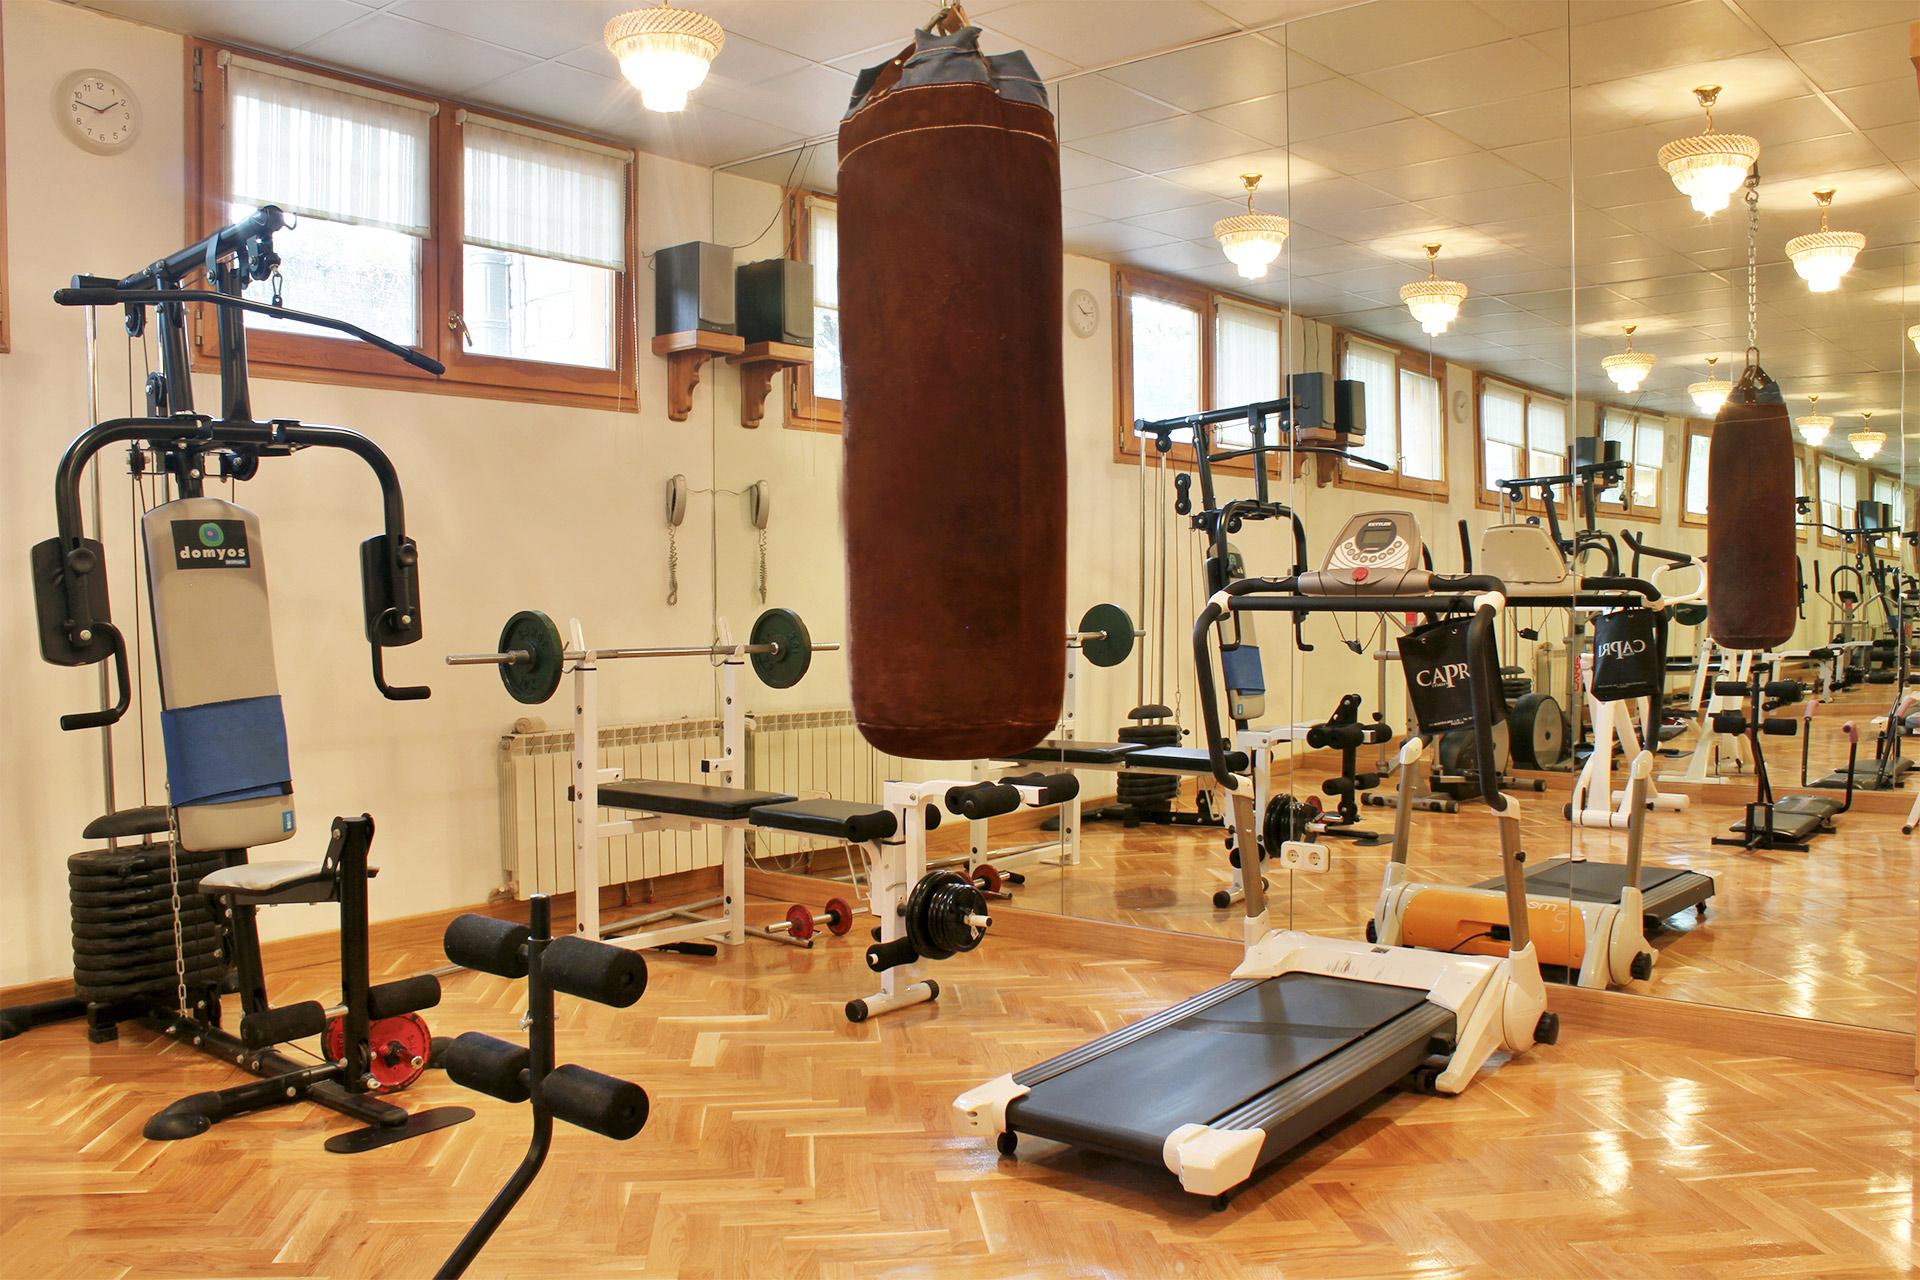 Te gusta el ejercicio haz un gimnasio en casa - Decoracion de gimnasios ...